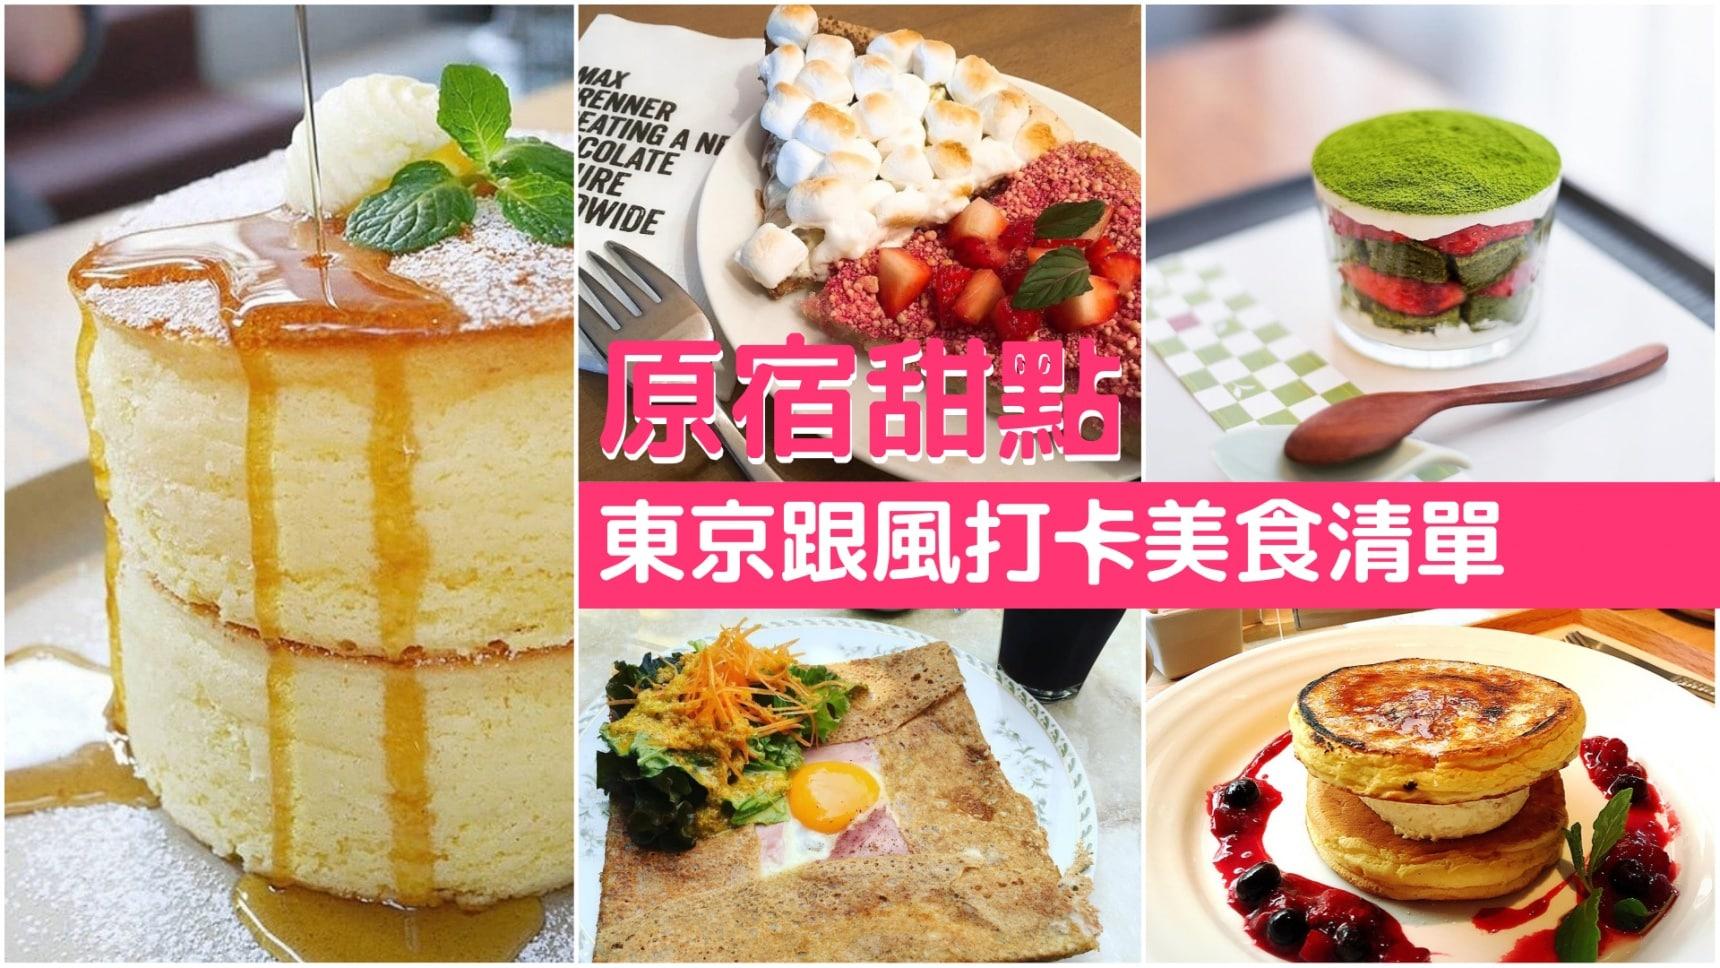 【東京美食】10間原宿超人氣拍照打卡甜點店推薦